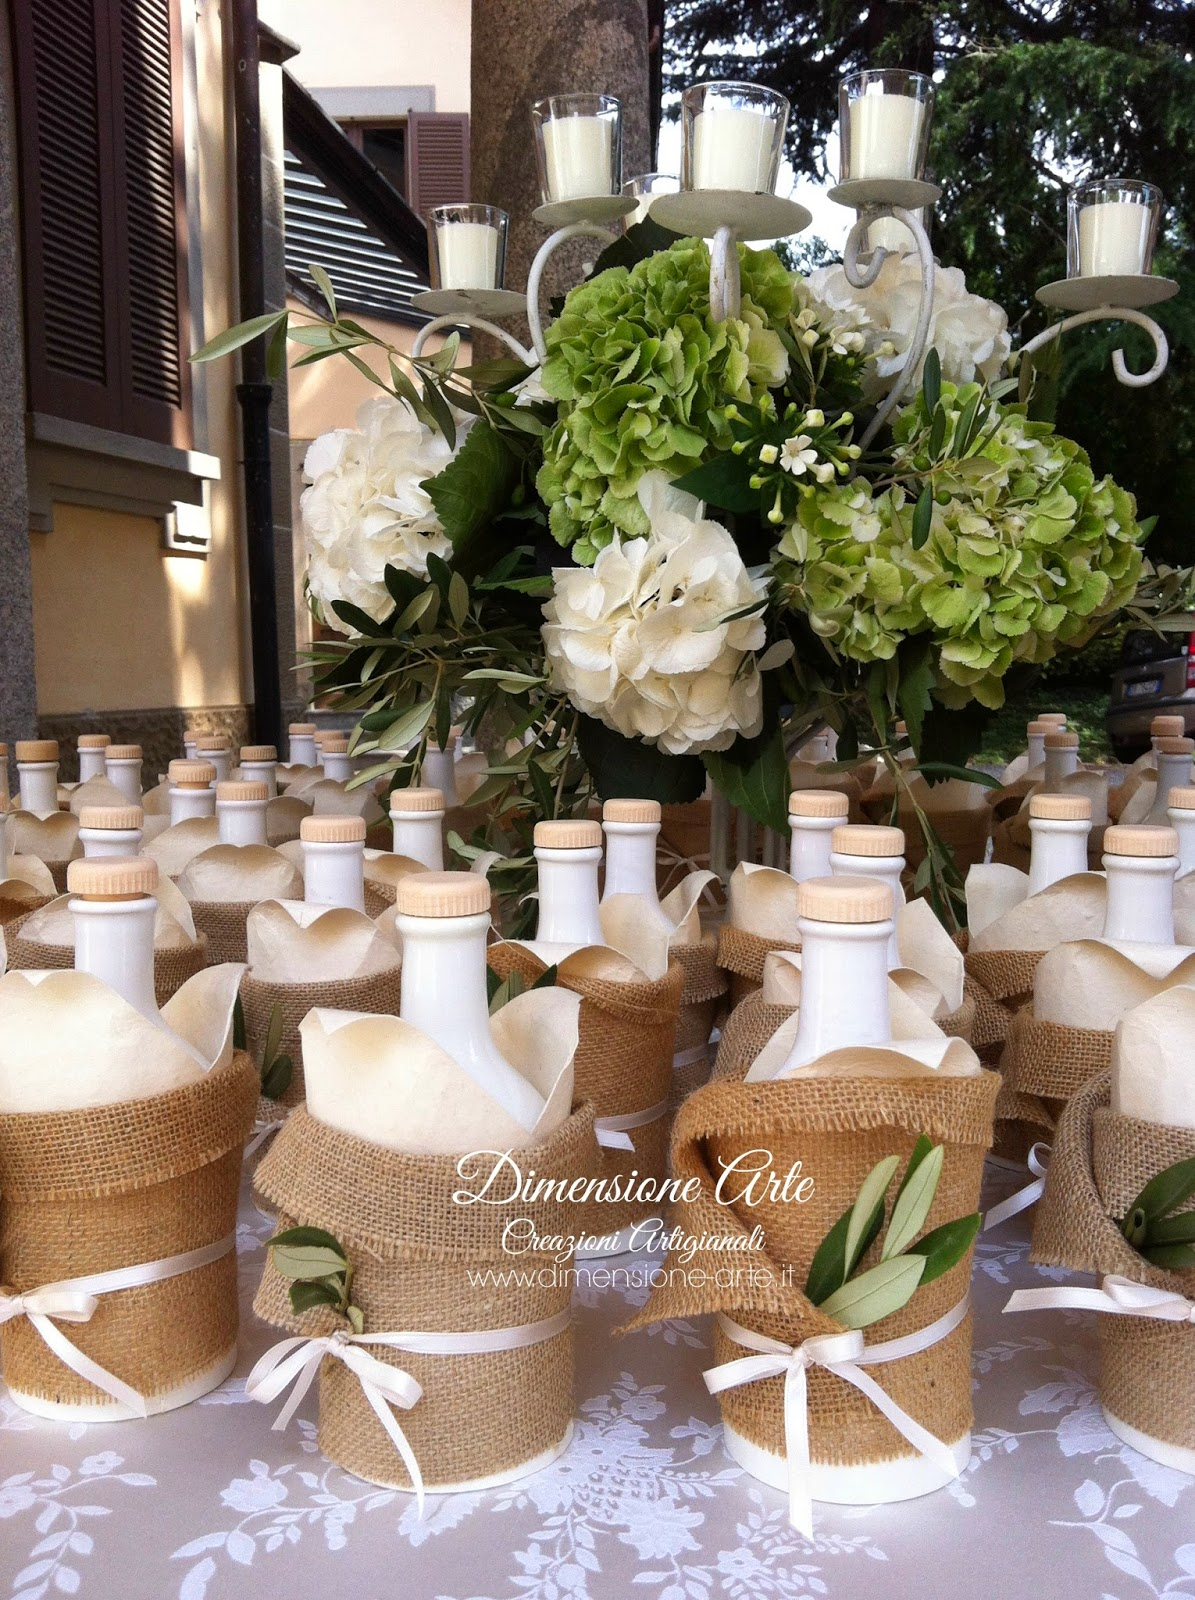 Matrimonio Rustico Milano : Dimensione arte creazioni artigianali matrimonio